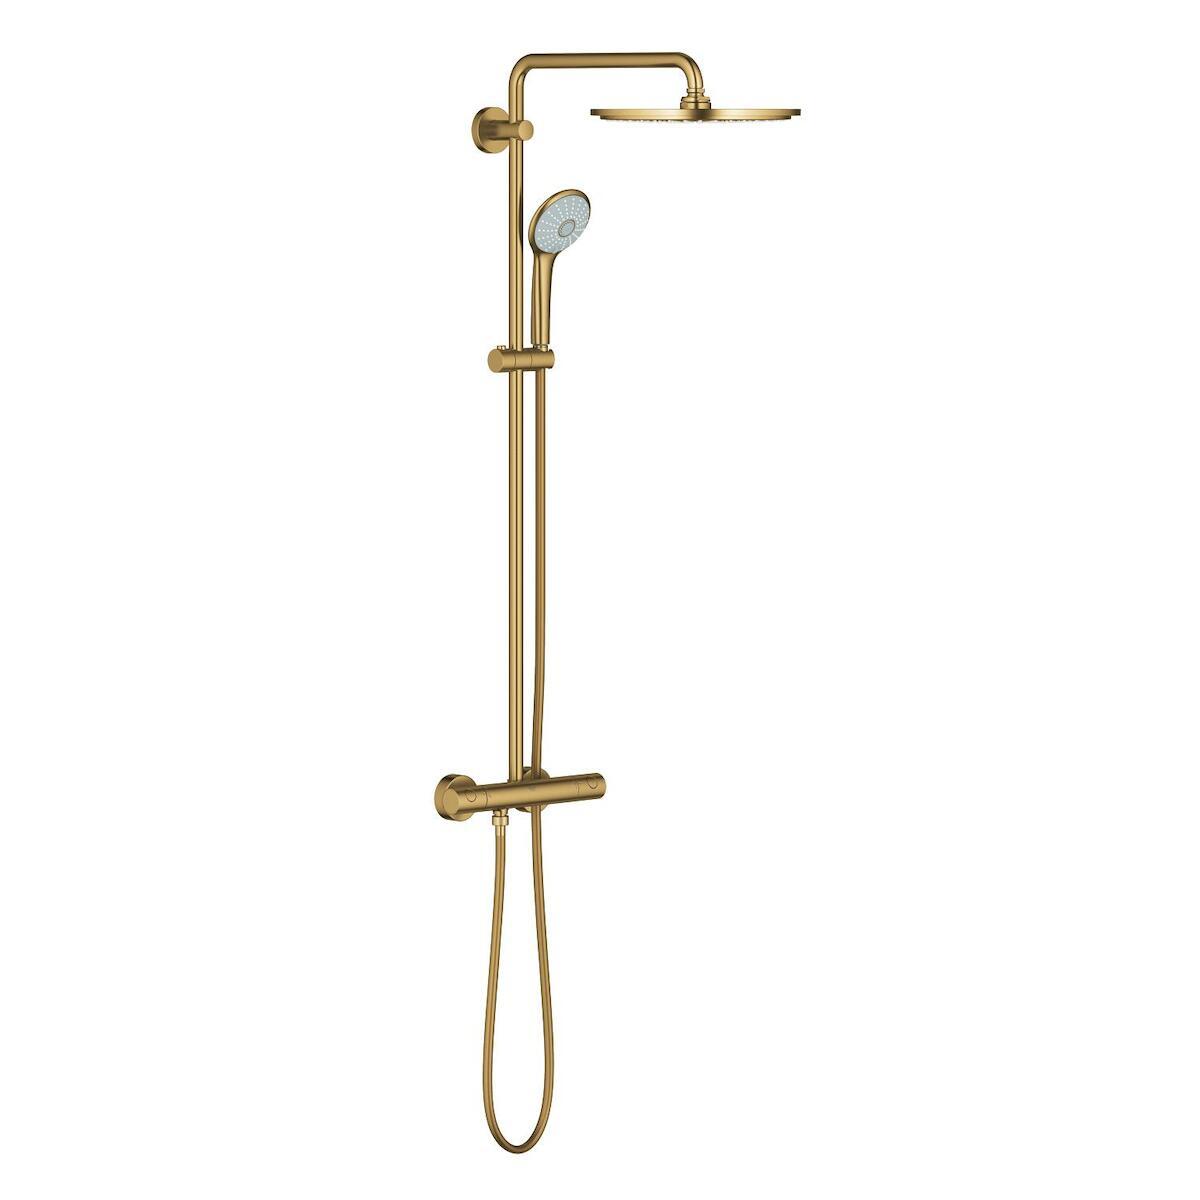 Sprchový systém Grohe Euphoria System s termostatickou baterií Brushed Cool Sunrise 26075GN0